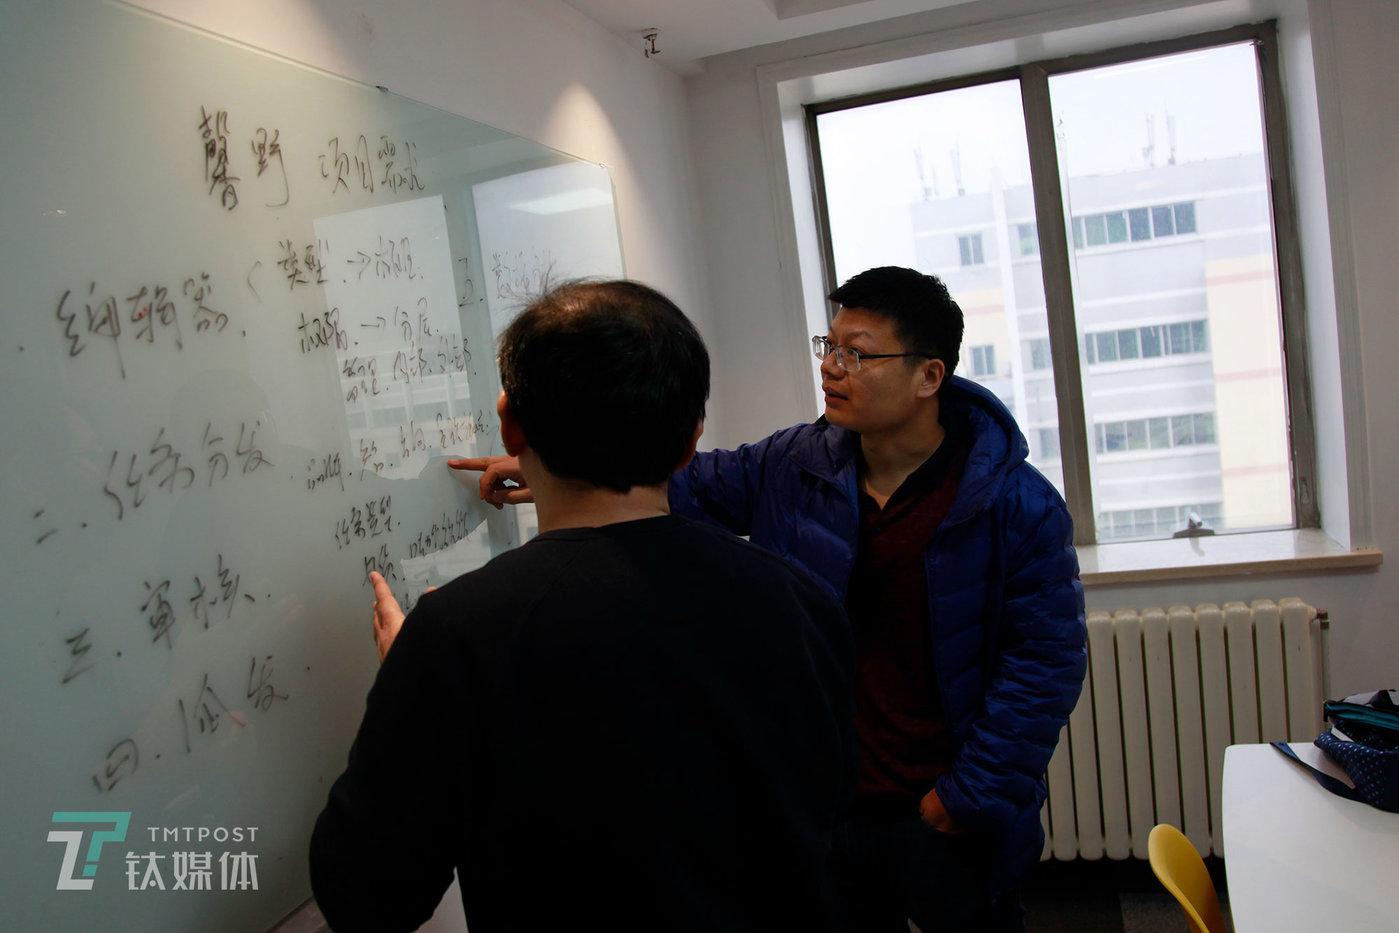 3月8日,北京,被裁失业后自主创业的陈明(右)在客户会议室跟客户讨论需求。